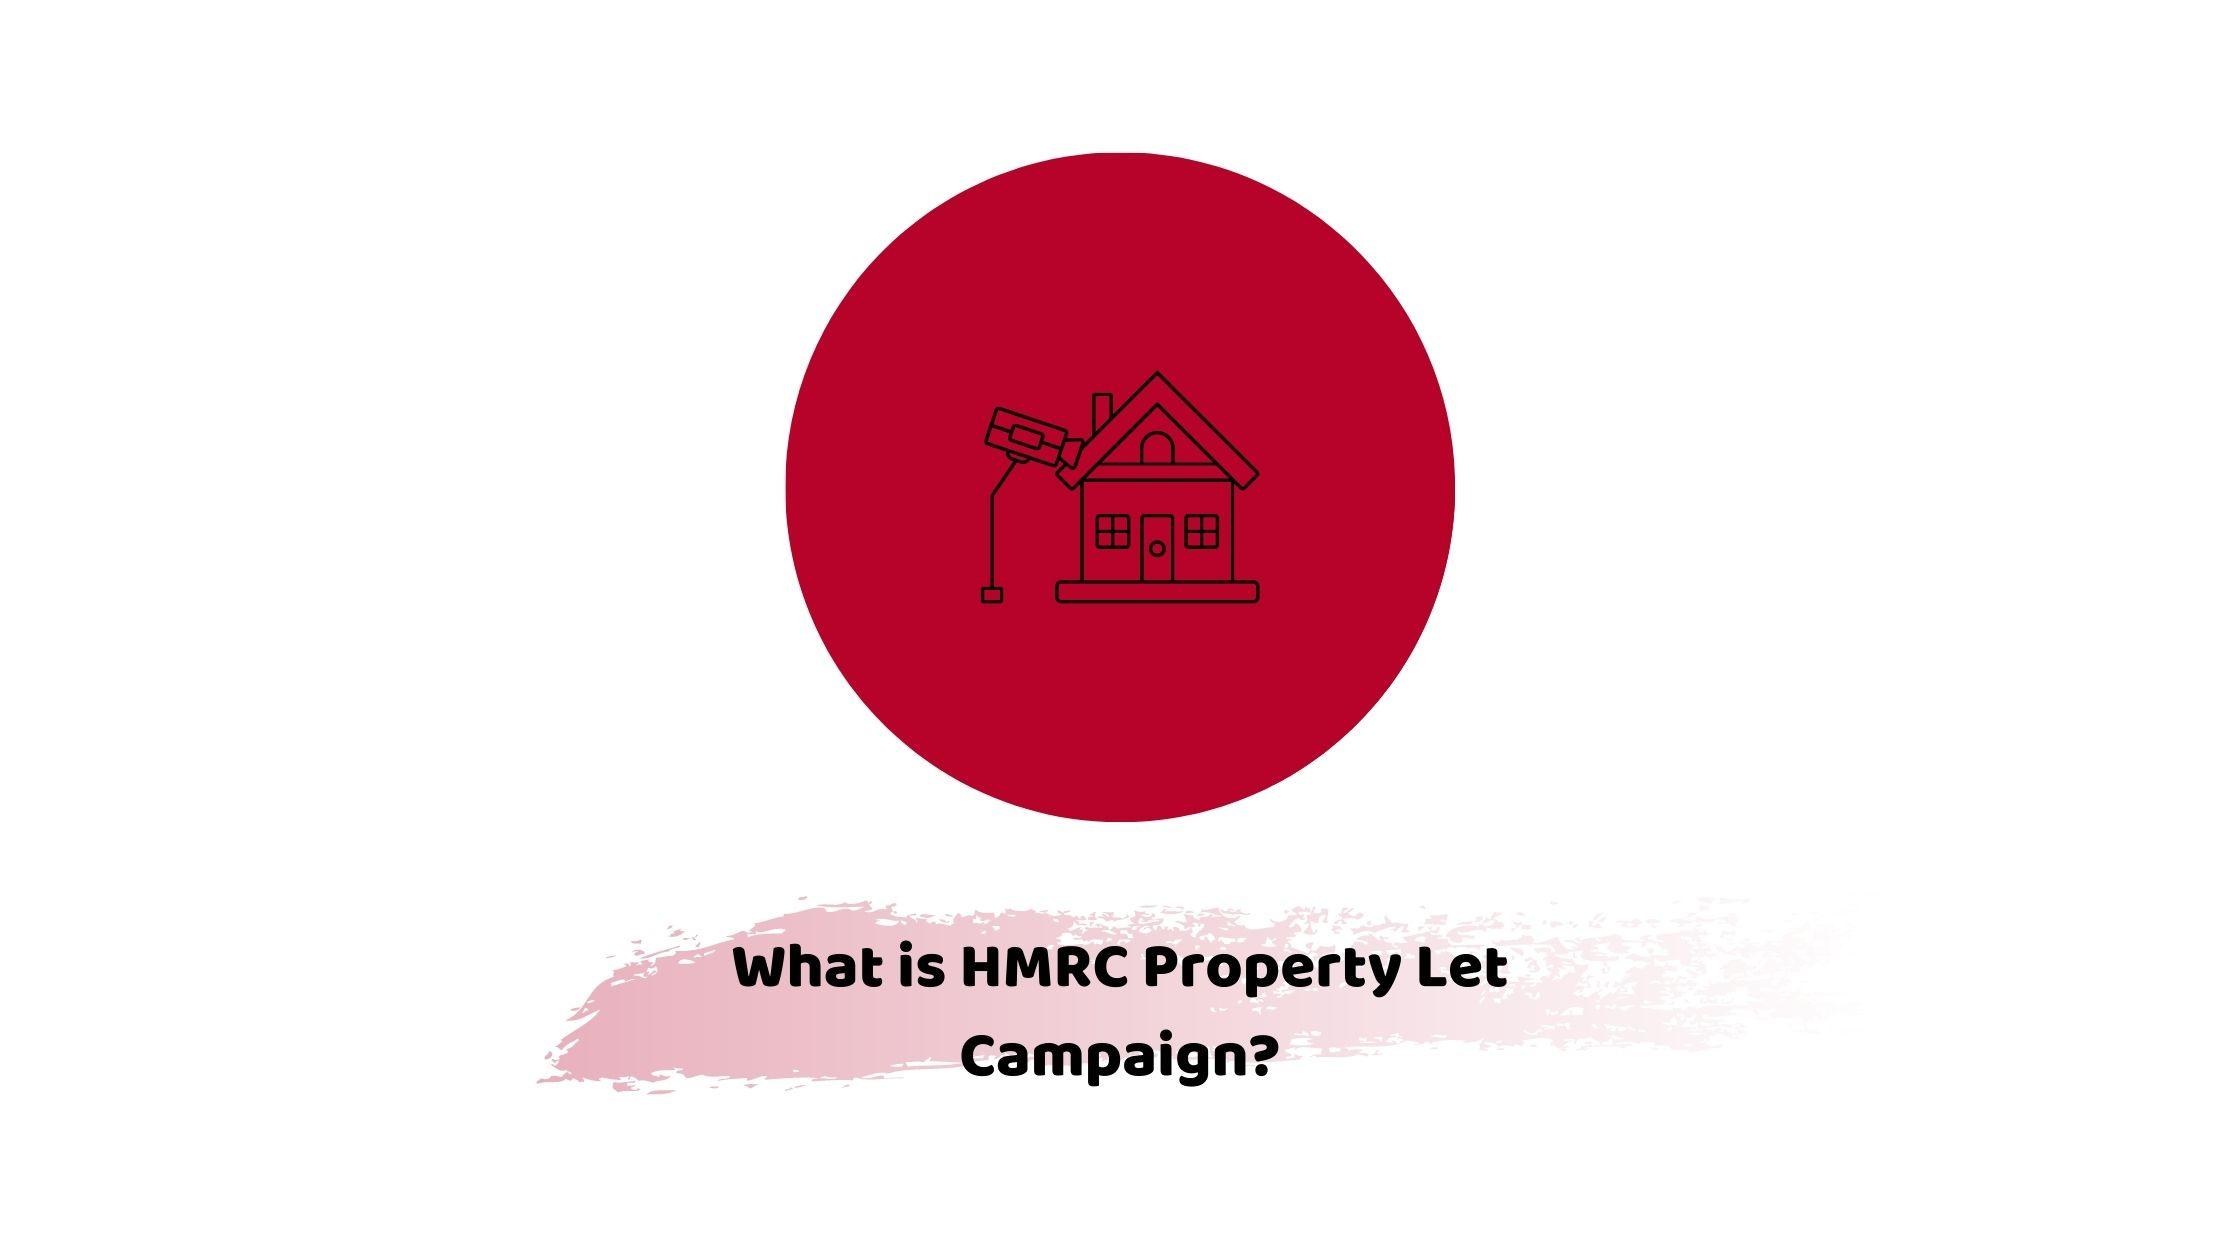 HMRC property let campaign